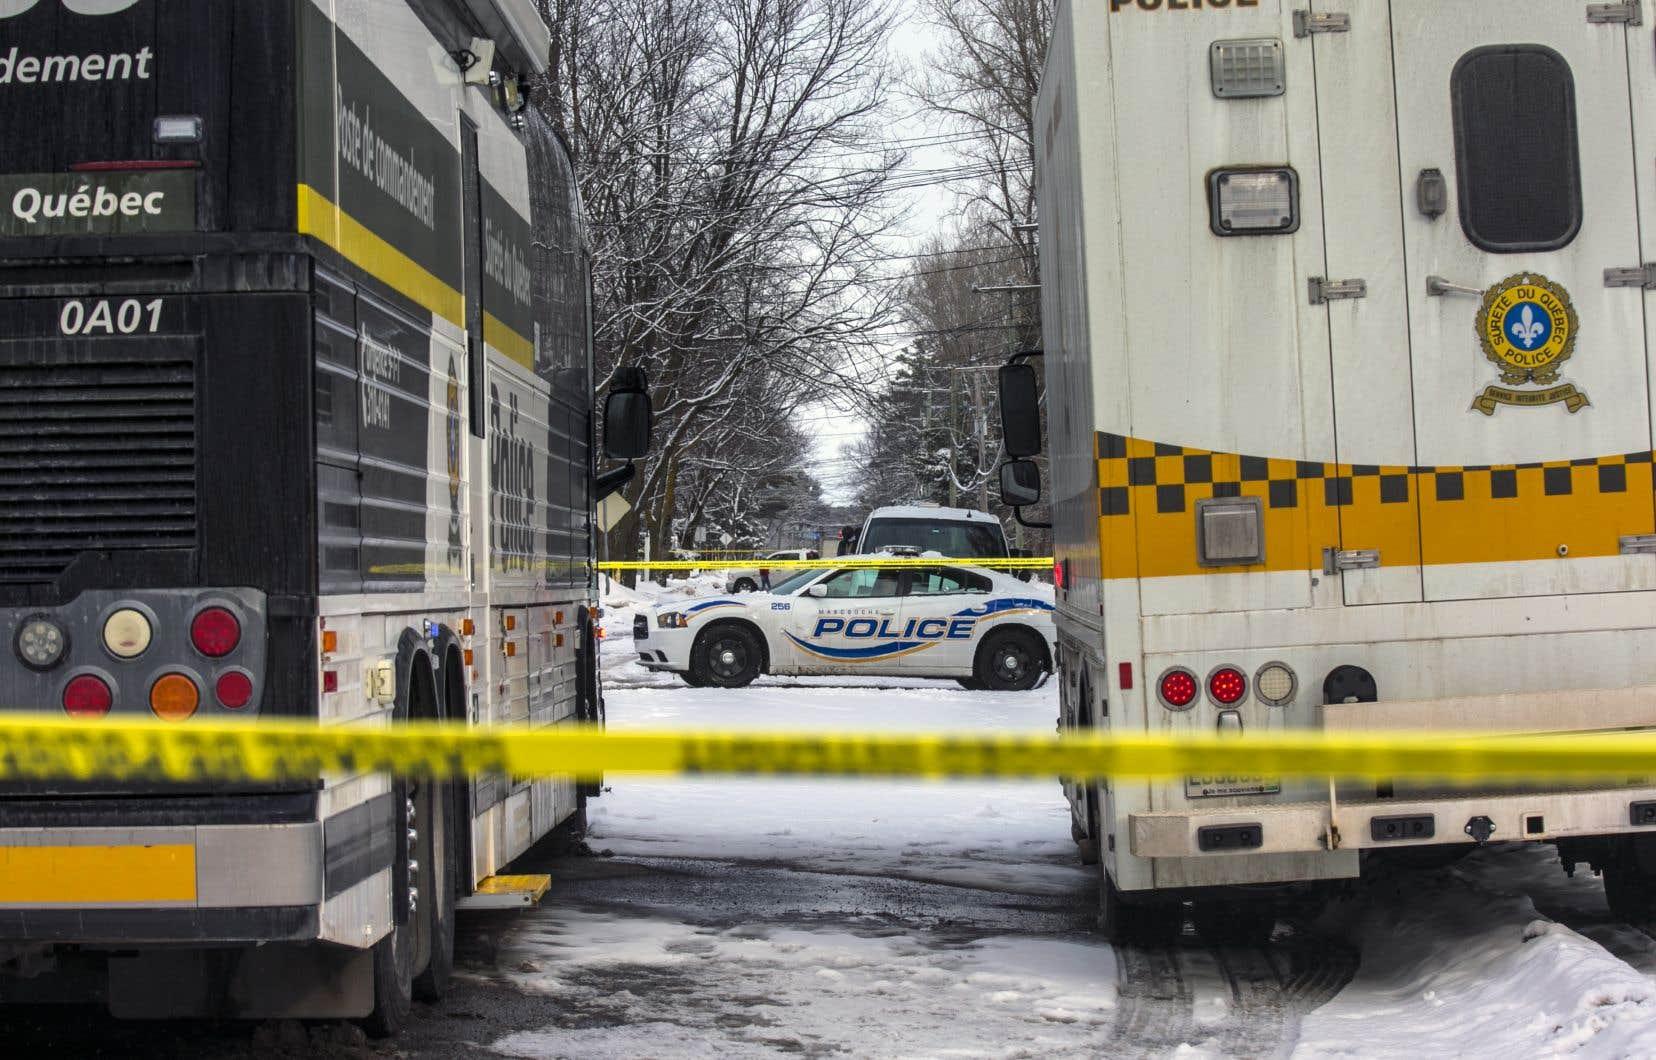 Le meurtre de Jaël Cantin est survenu le 16 janvier 2020 à Mascouche.